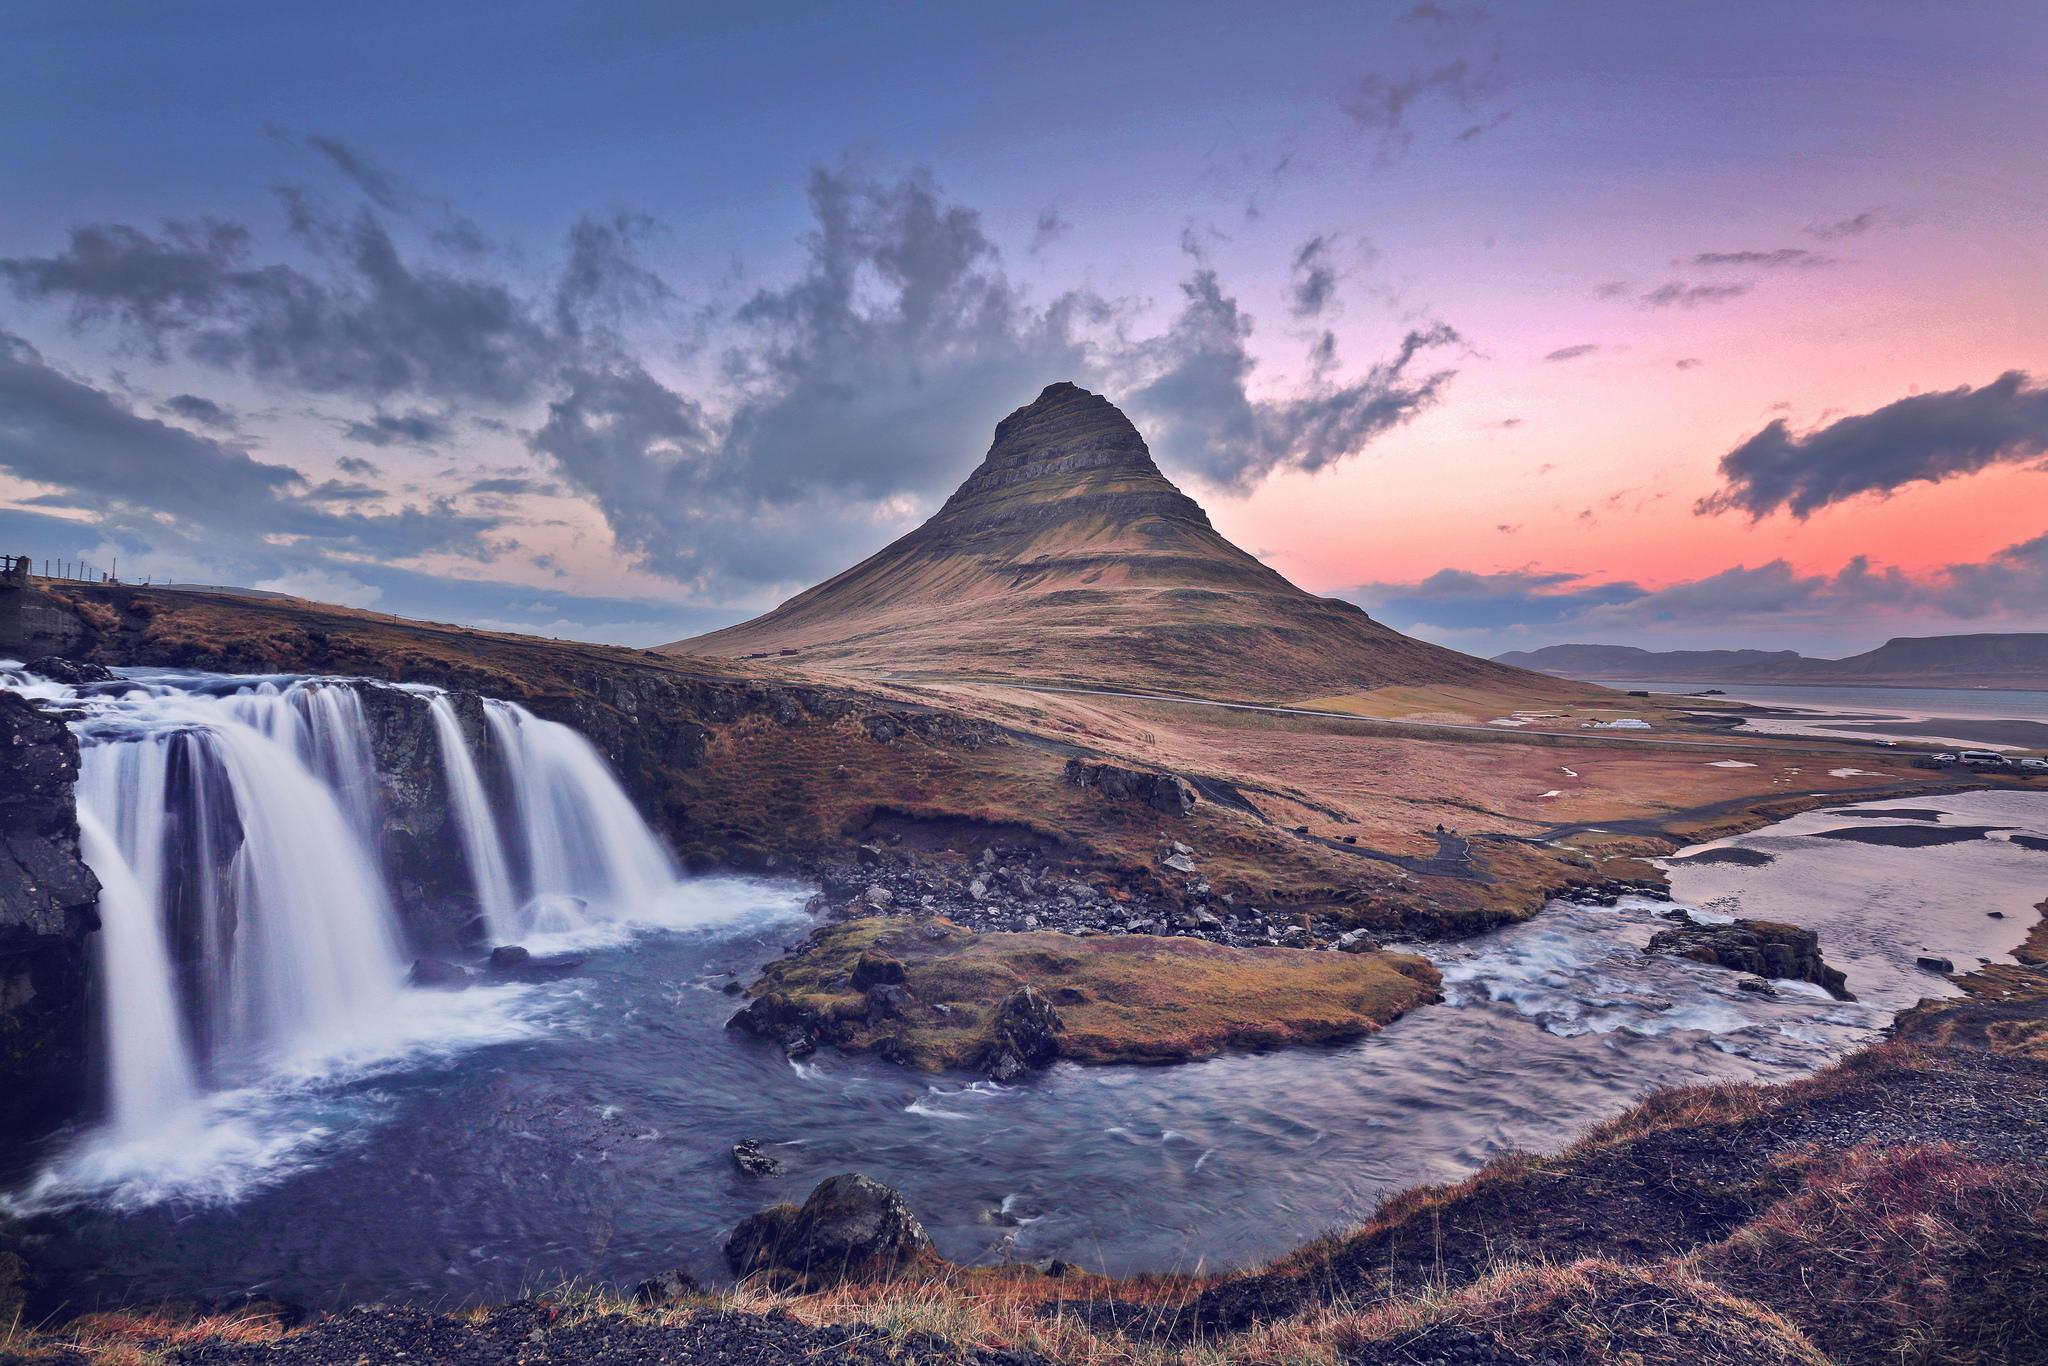 обои Waterfall, Kirkjufell, Iceland, Водопад картинки фото